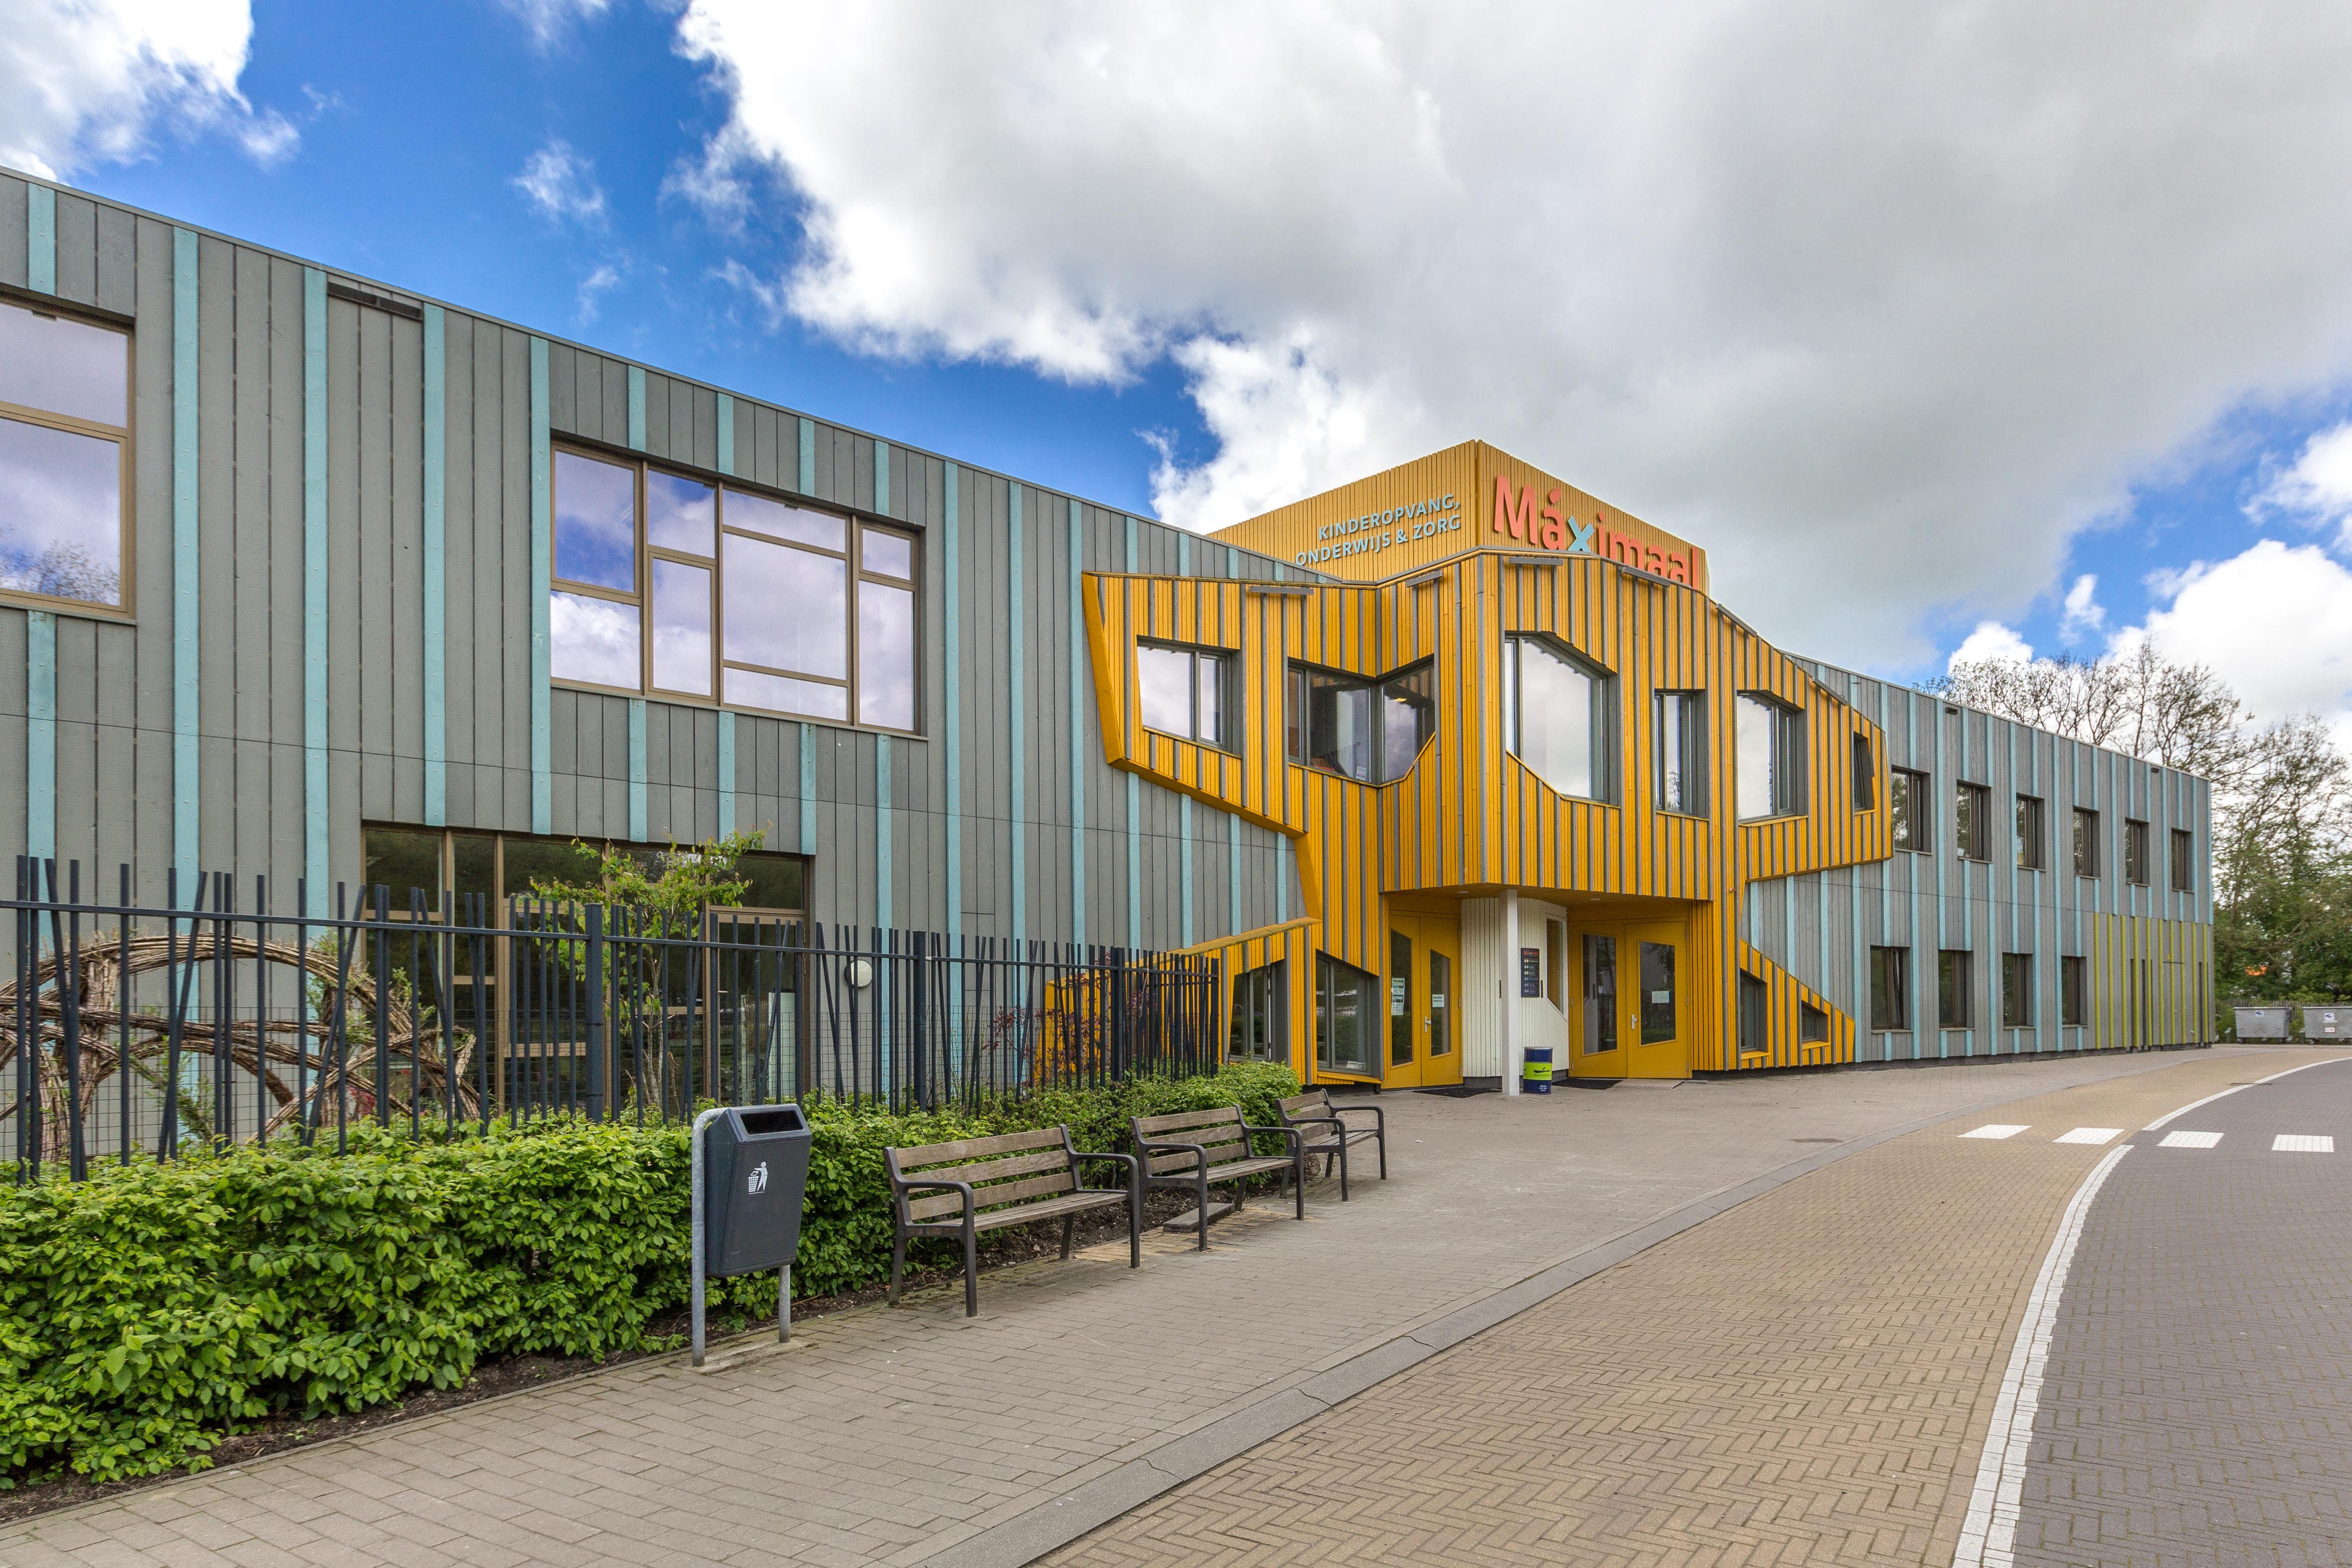 KOZ-Maximaal-Rotterdam-4561